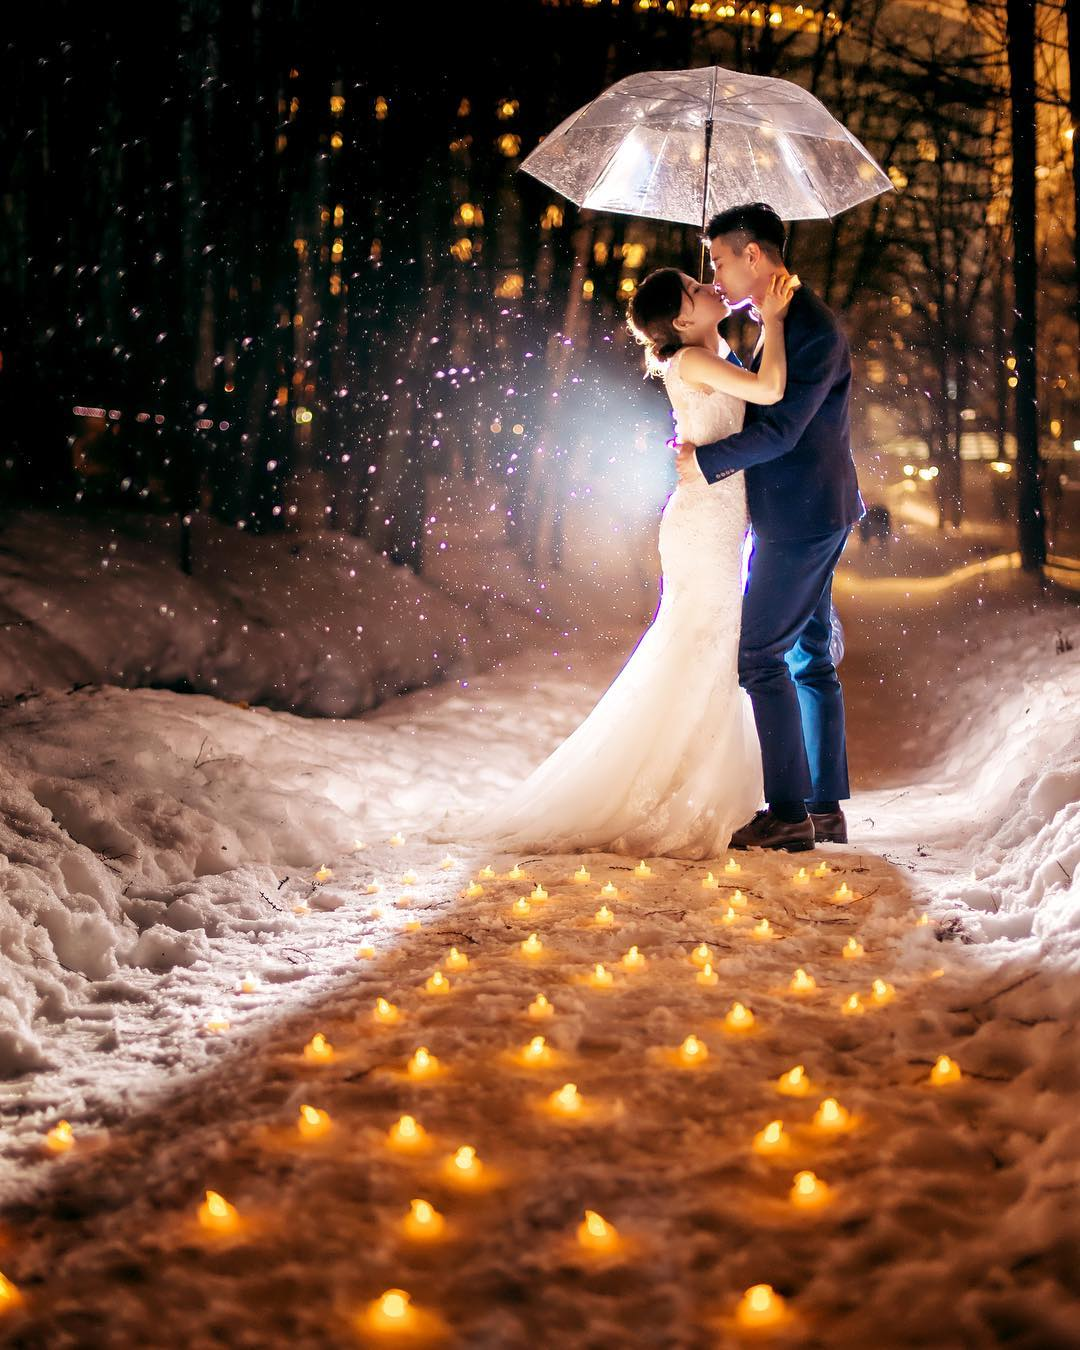 [婚紗]讓朋友羨慕不已的婚紗-❤️北海道雪景婚紗❤️